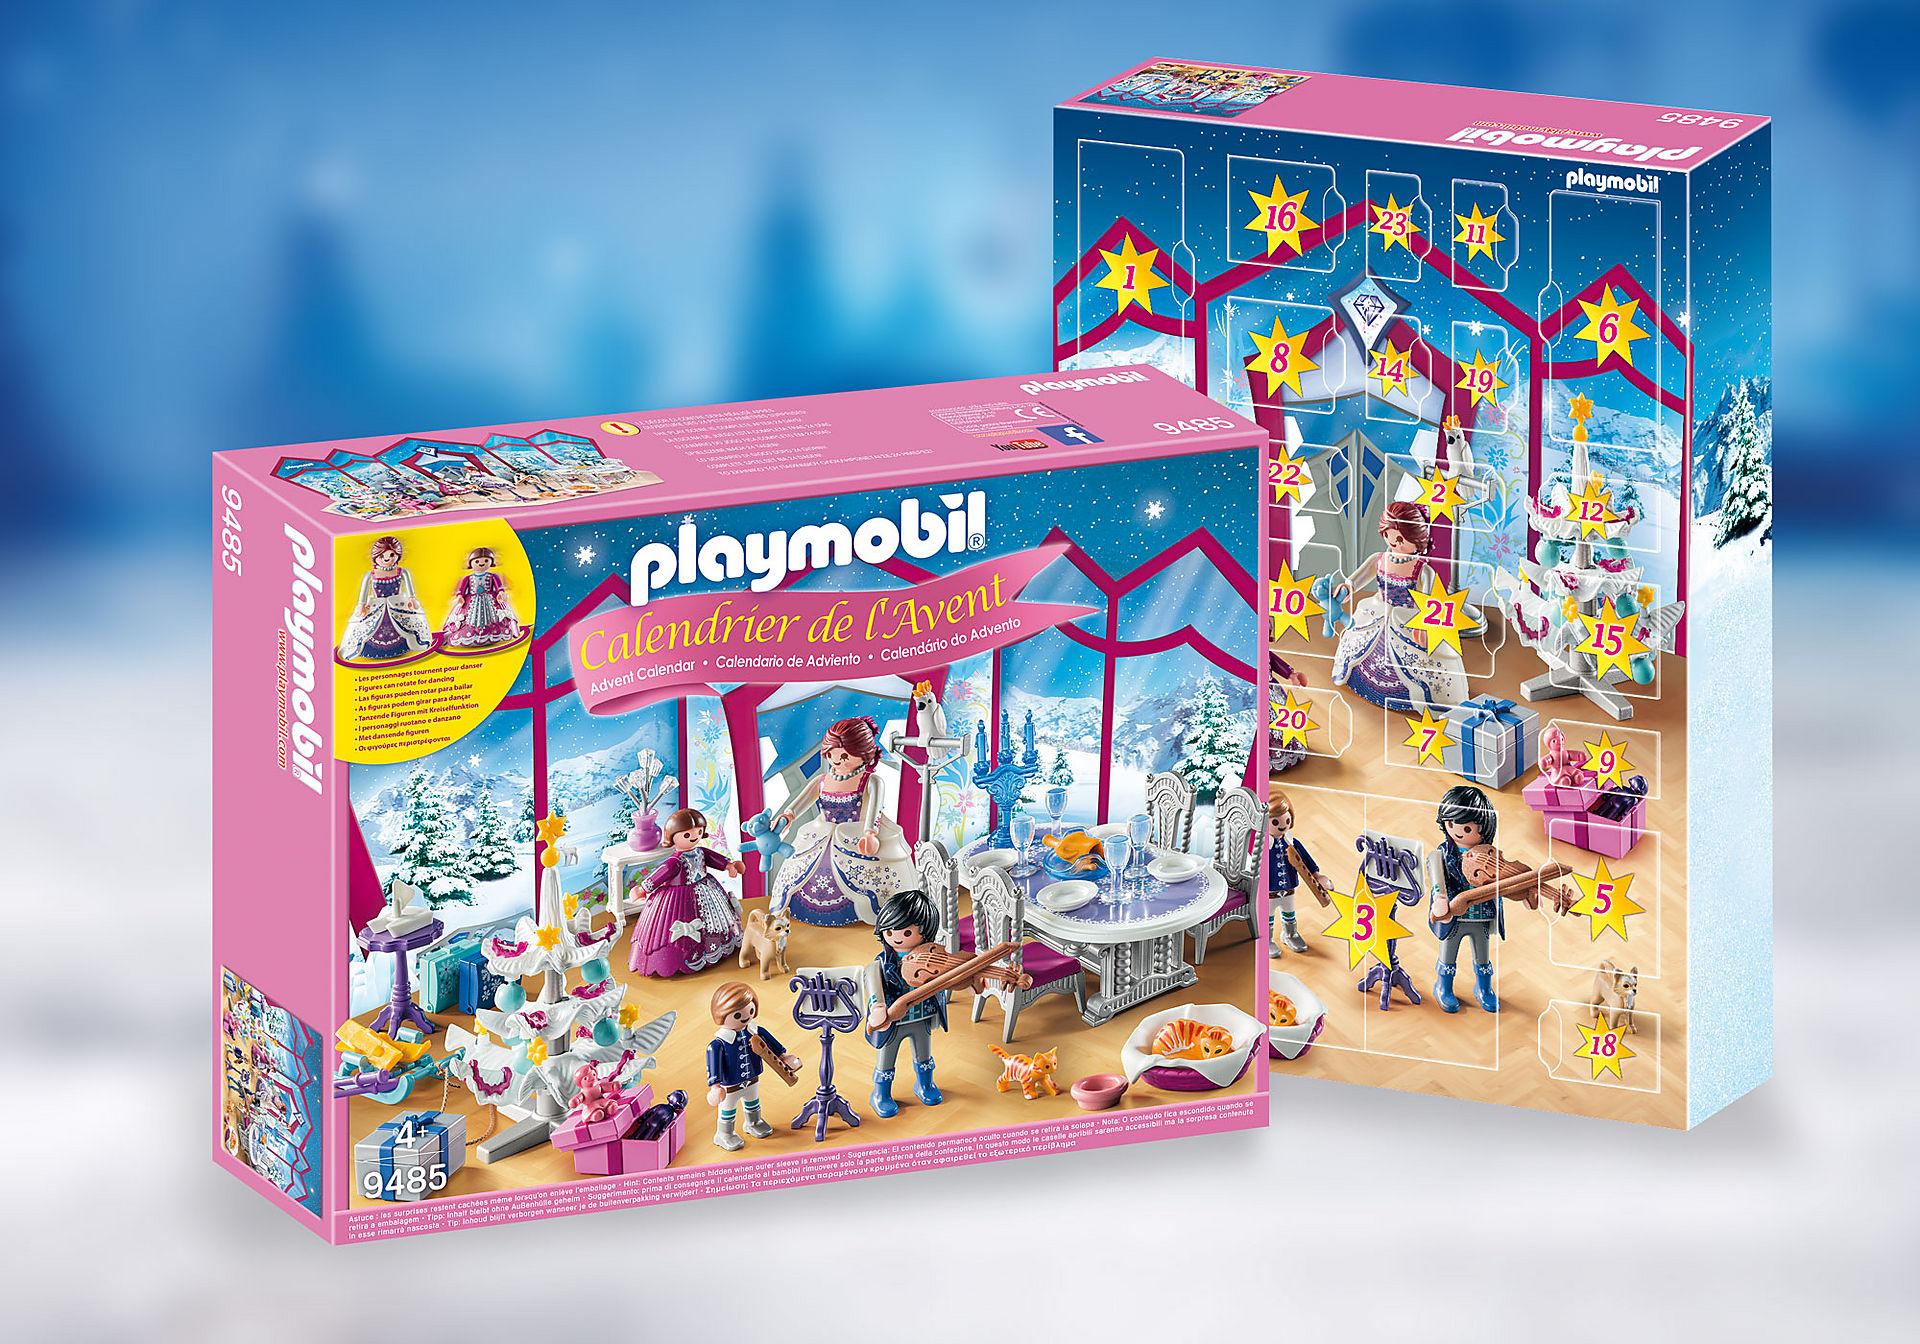 Calendrier de l'Avent playmobil - Bal de Noël au salon de Cristal n°9485